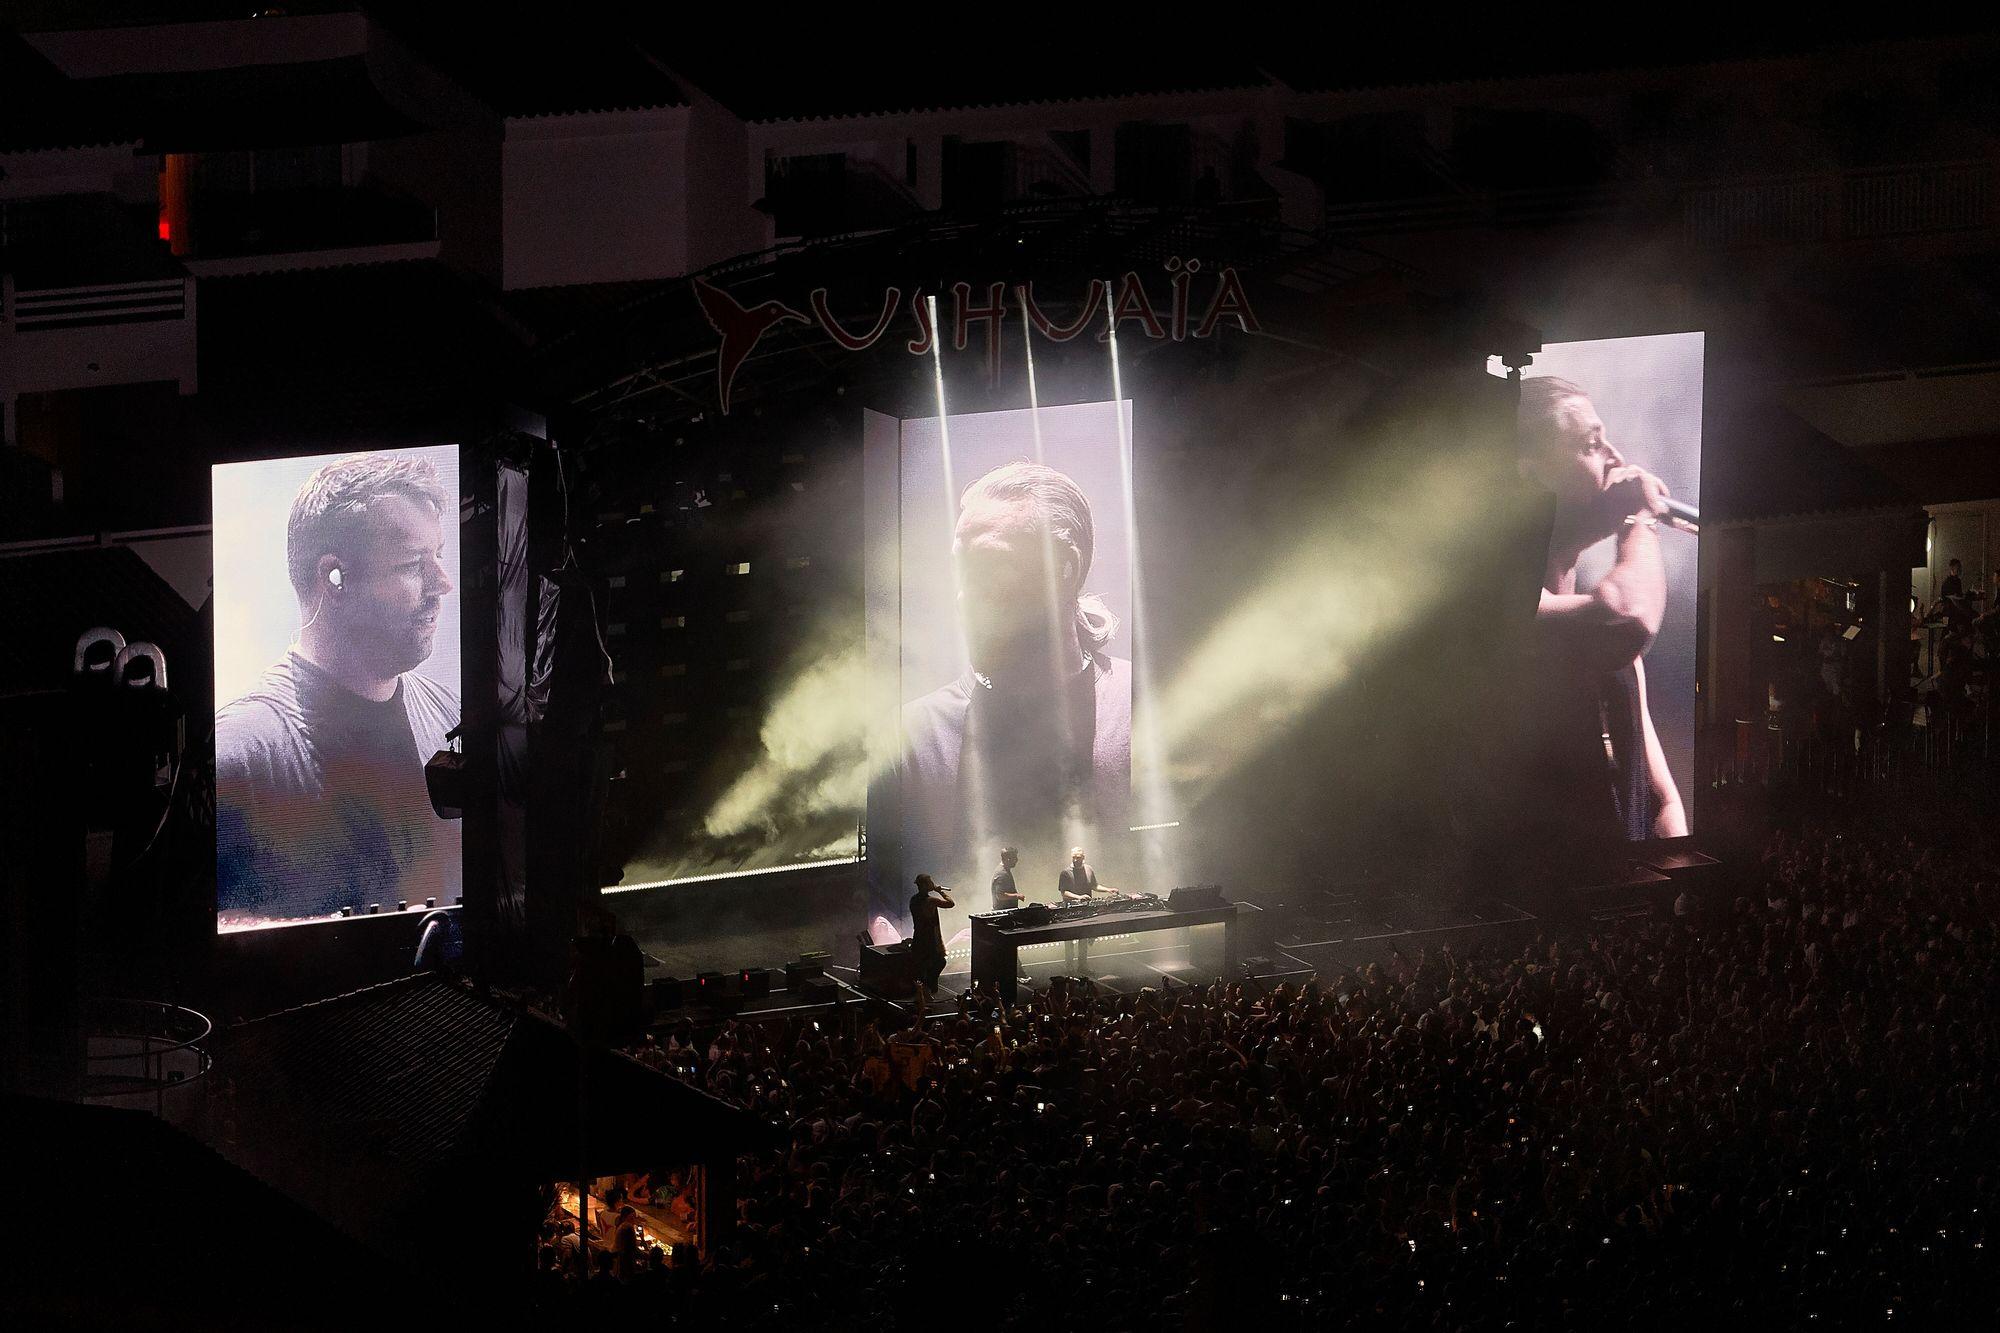 Sold-out en la visita de Swedish House Mafia en Ushuaïa Ibiza